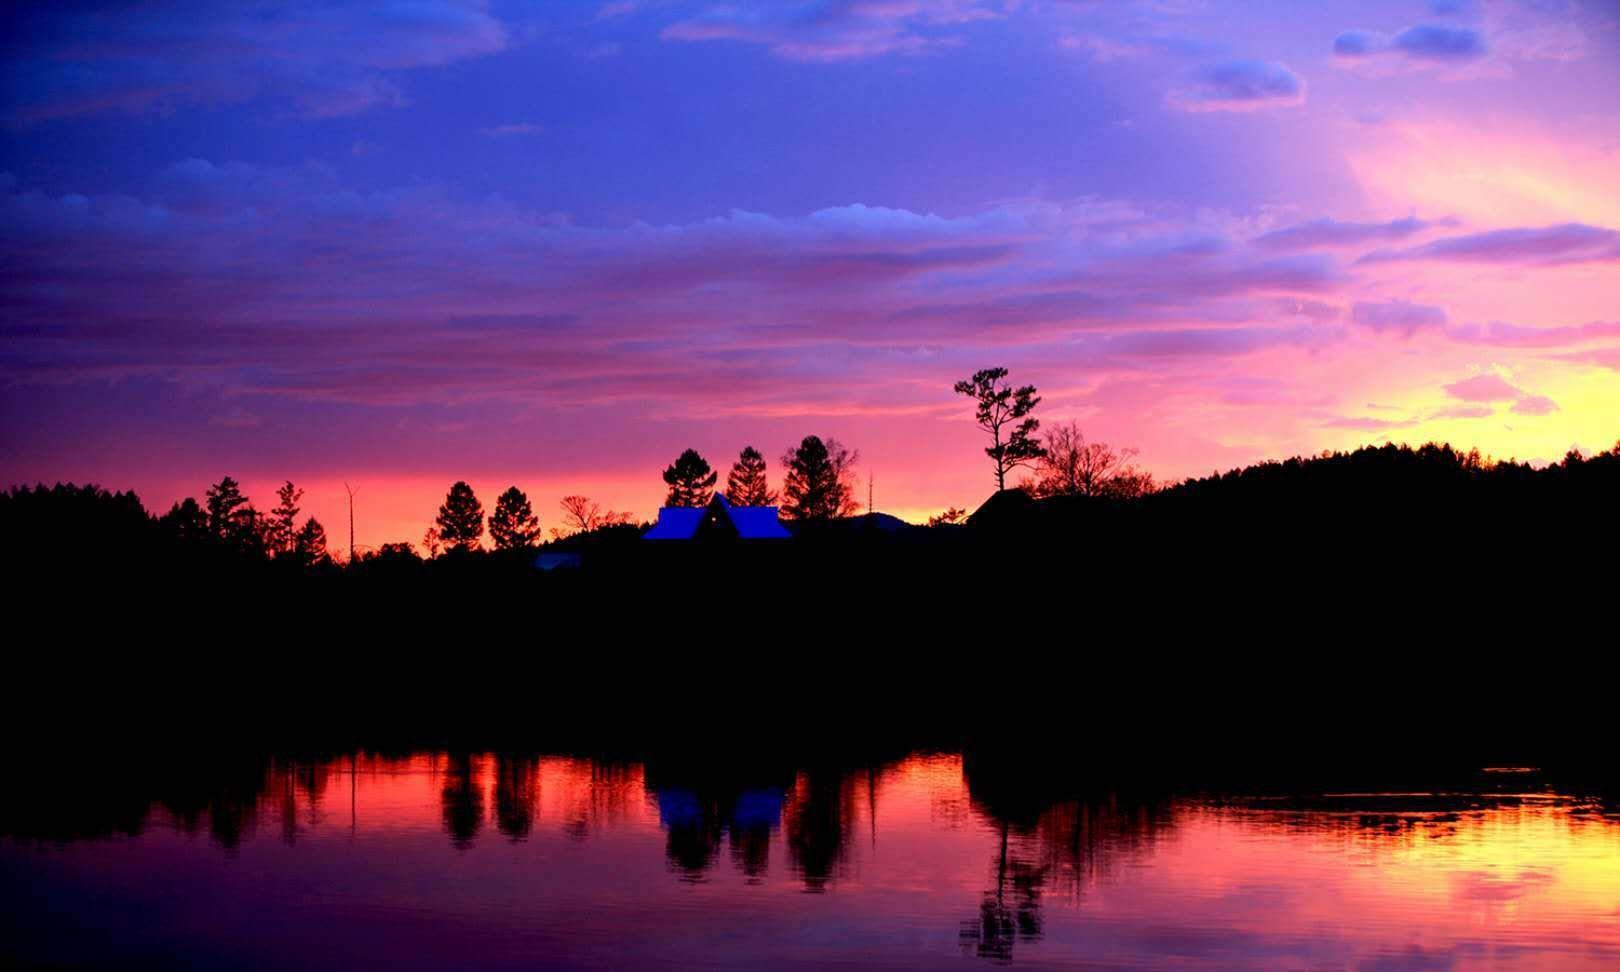 远山似梦,夕阳如金,呼伦贝尔最美的时光你见过吗?